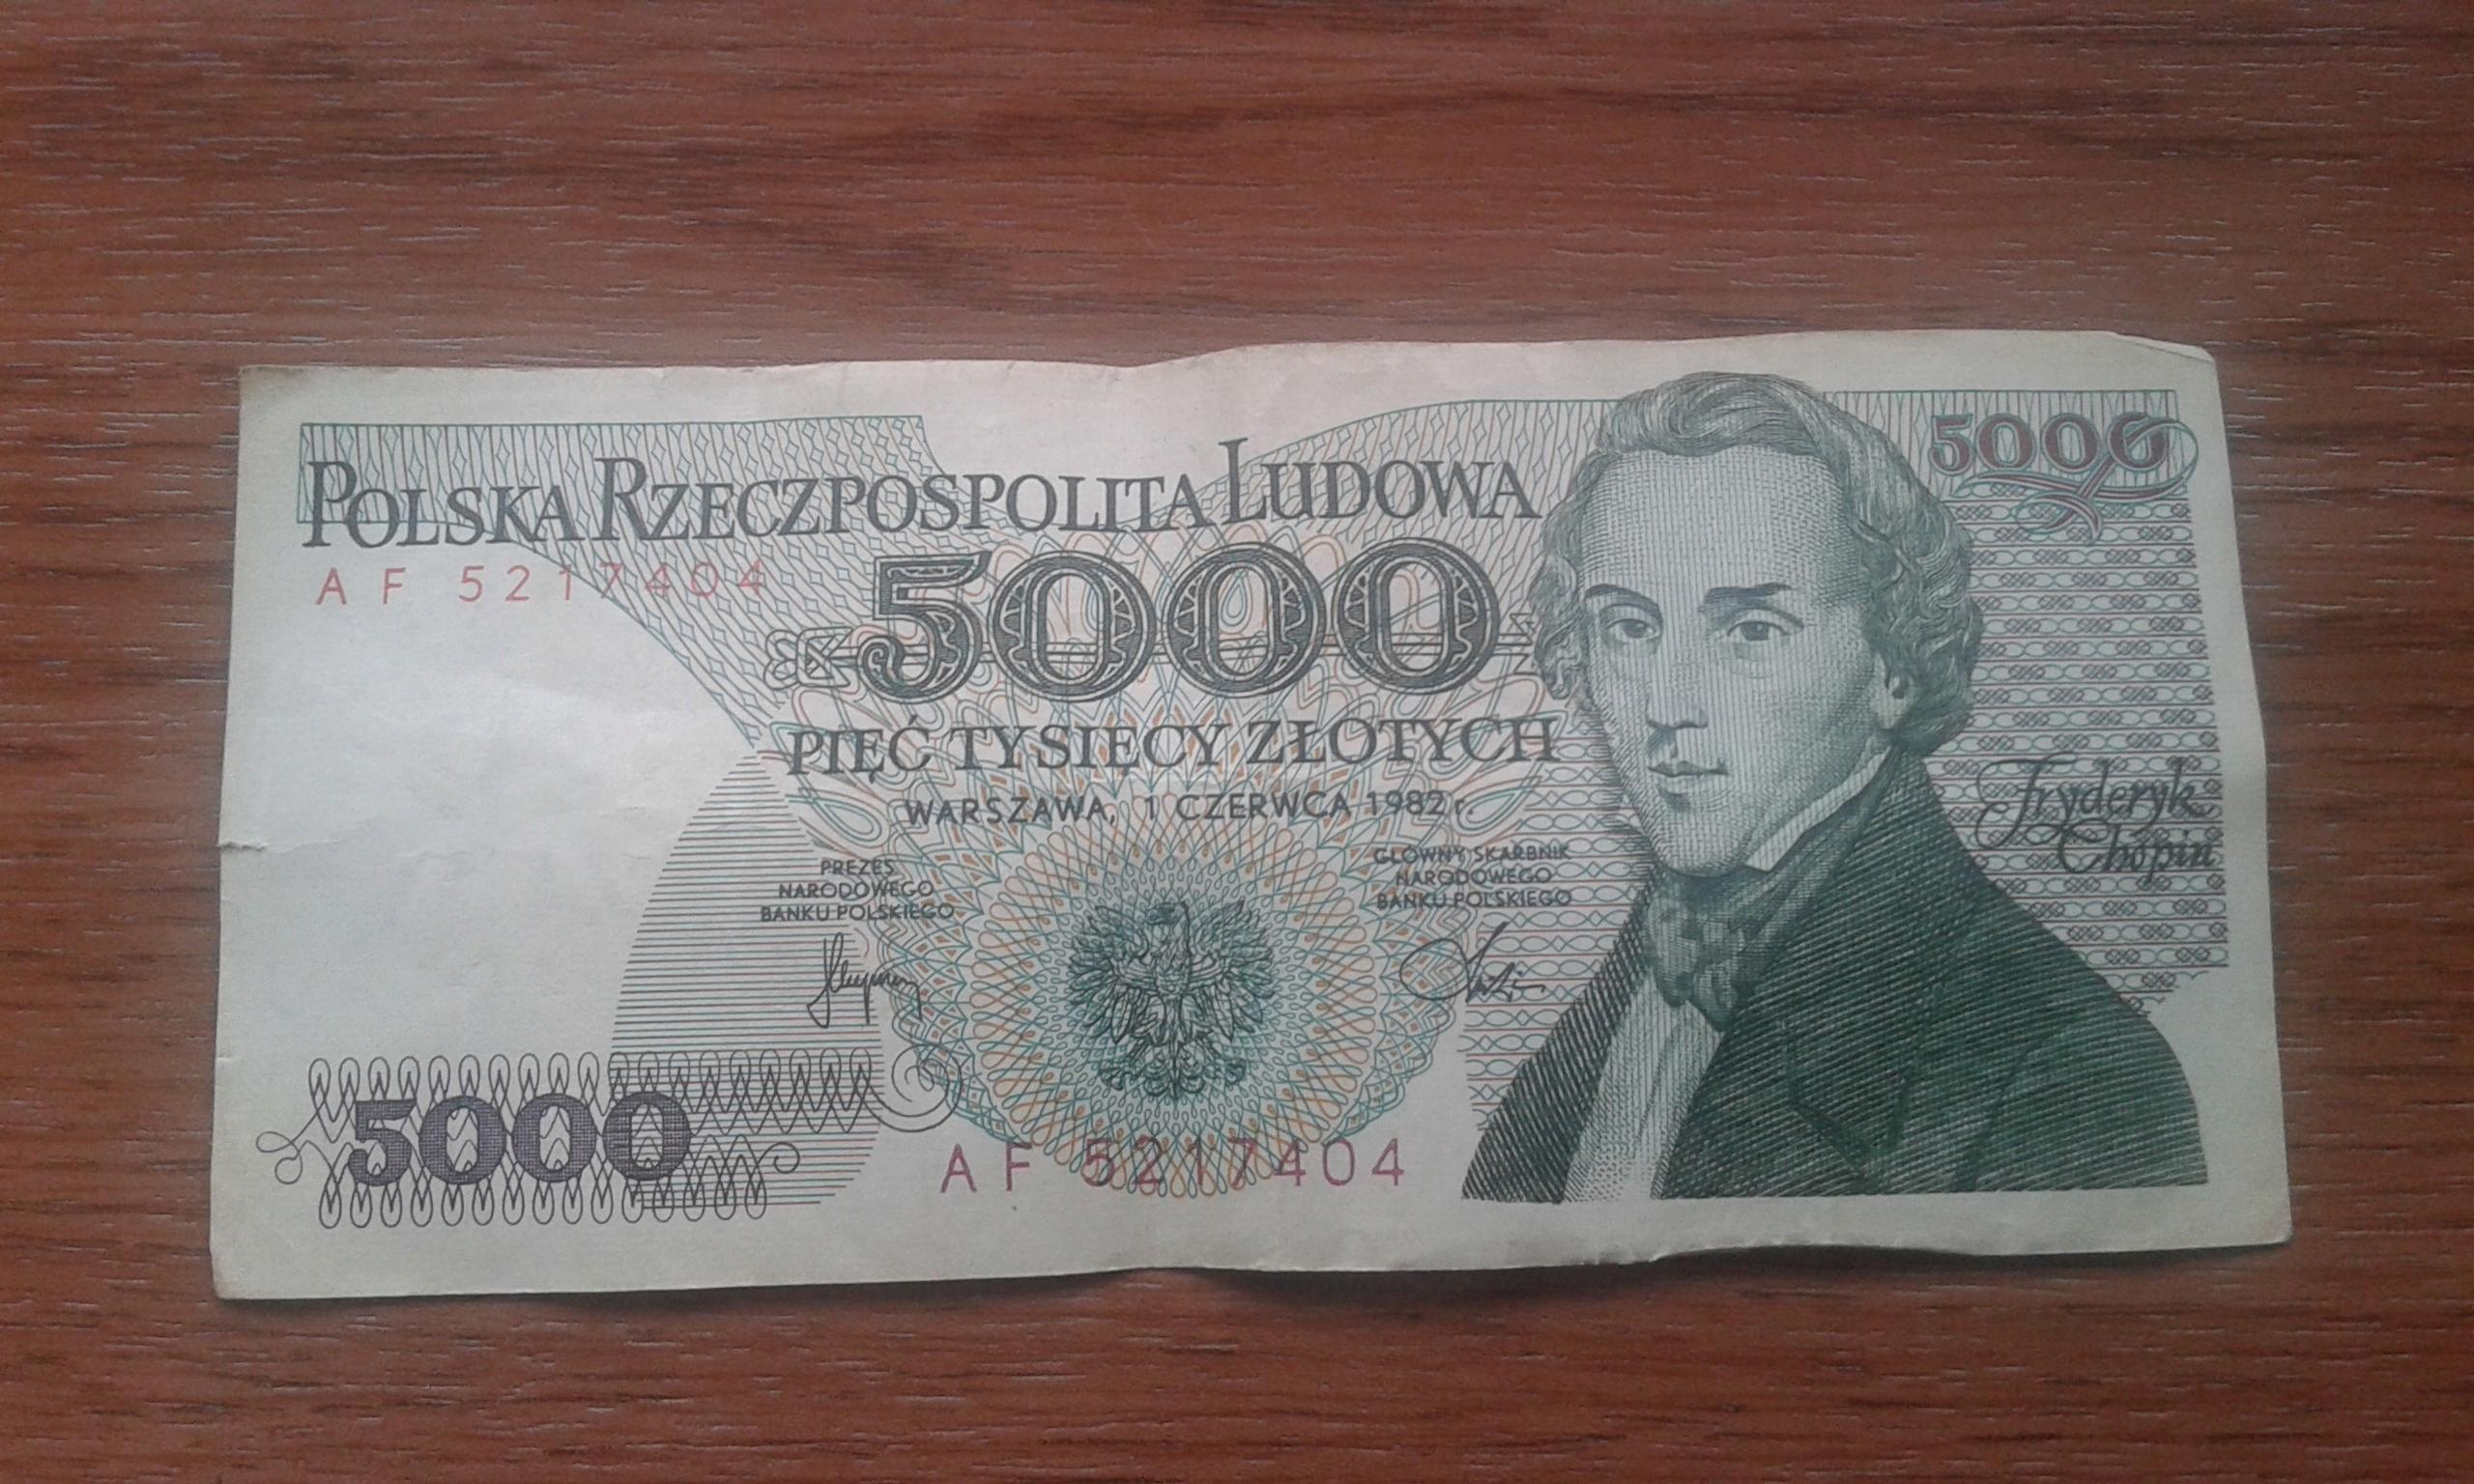 stare banknoty starocie stare pieniądze banknoty